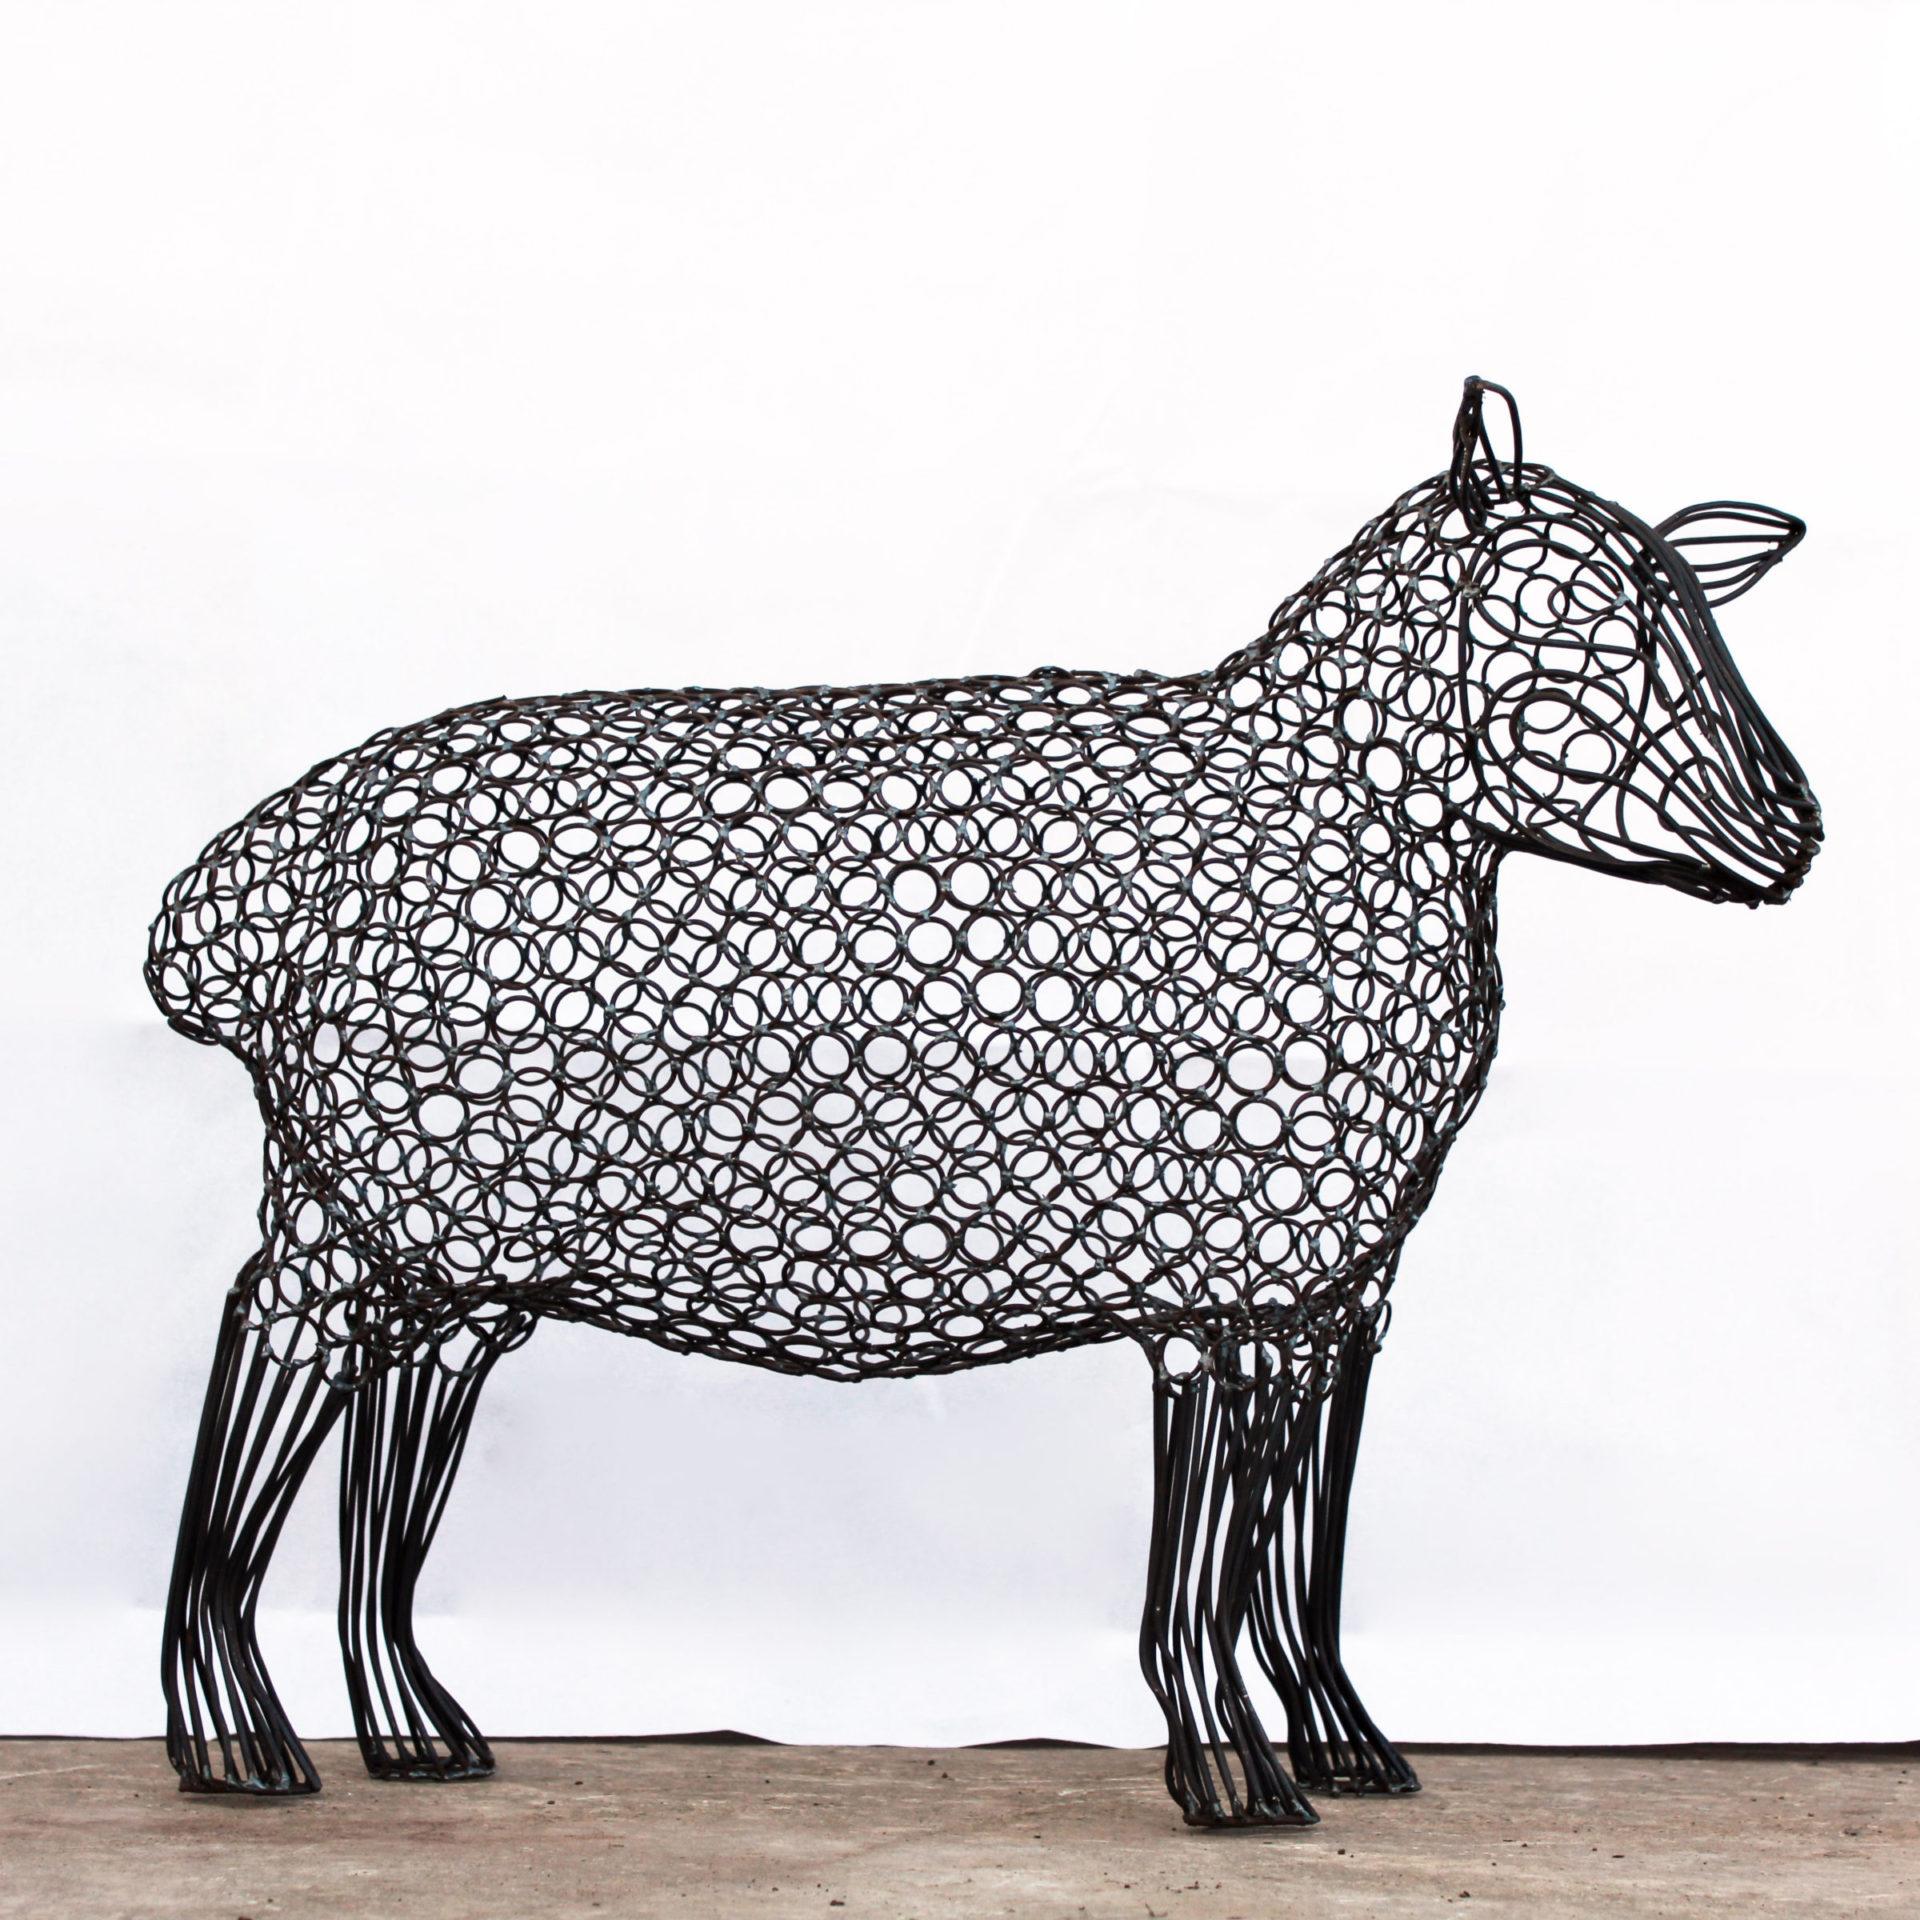 04717-2-ewe-head-up-steel-wire-sculpture